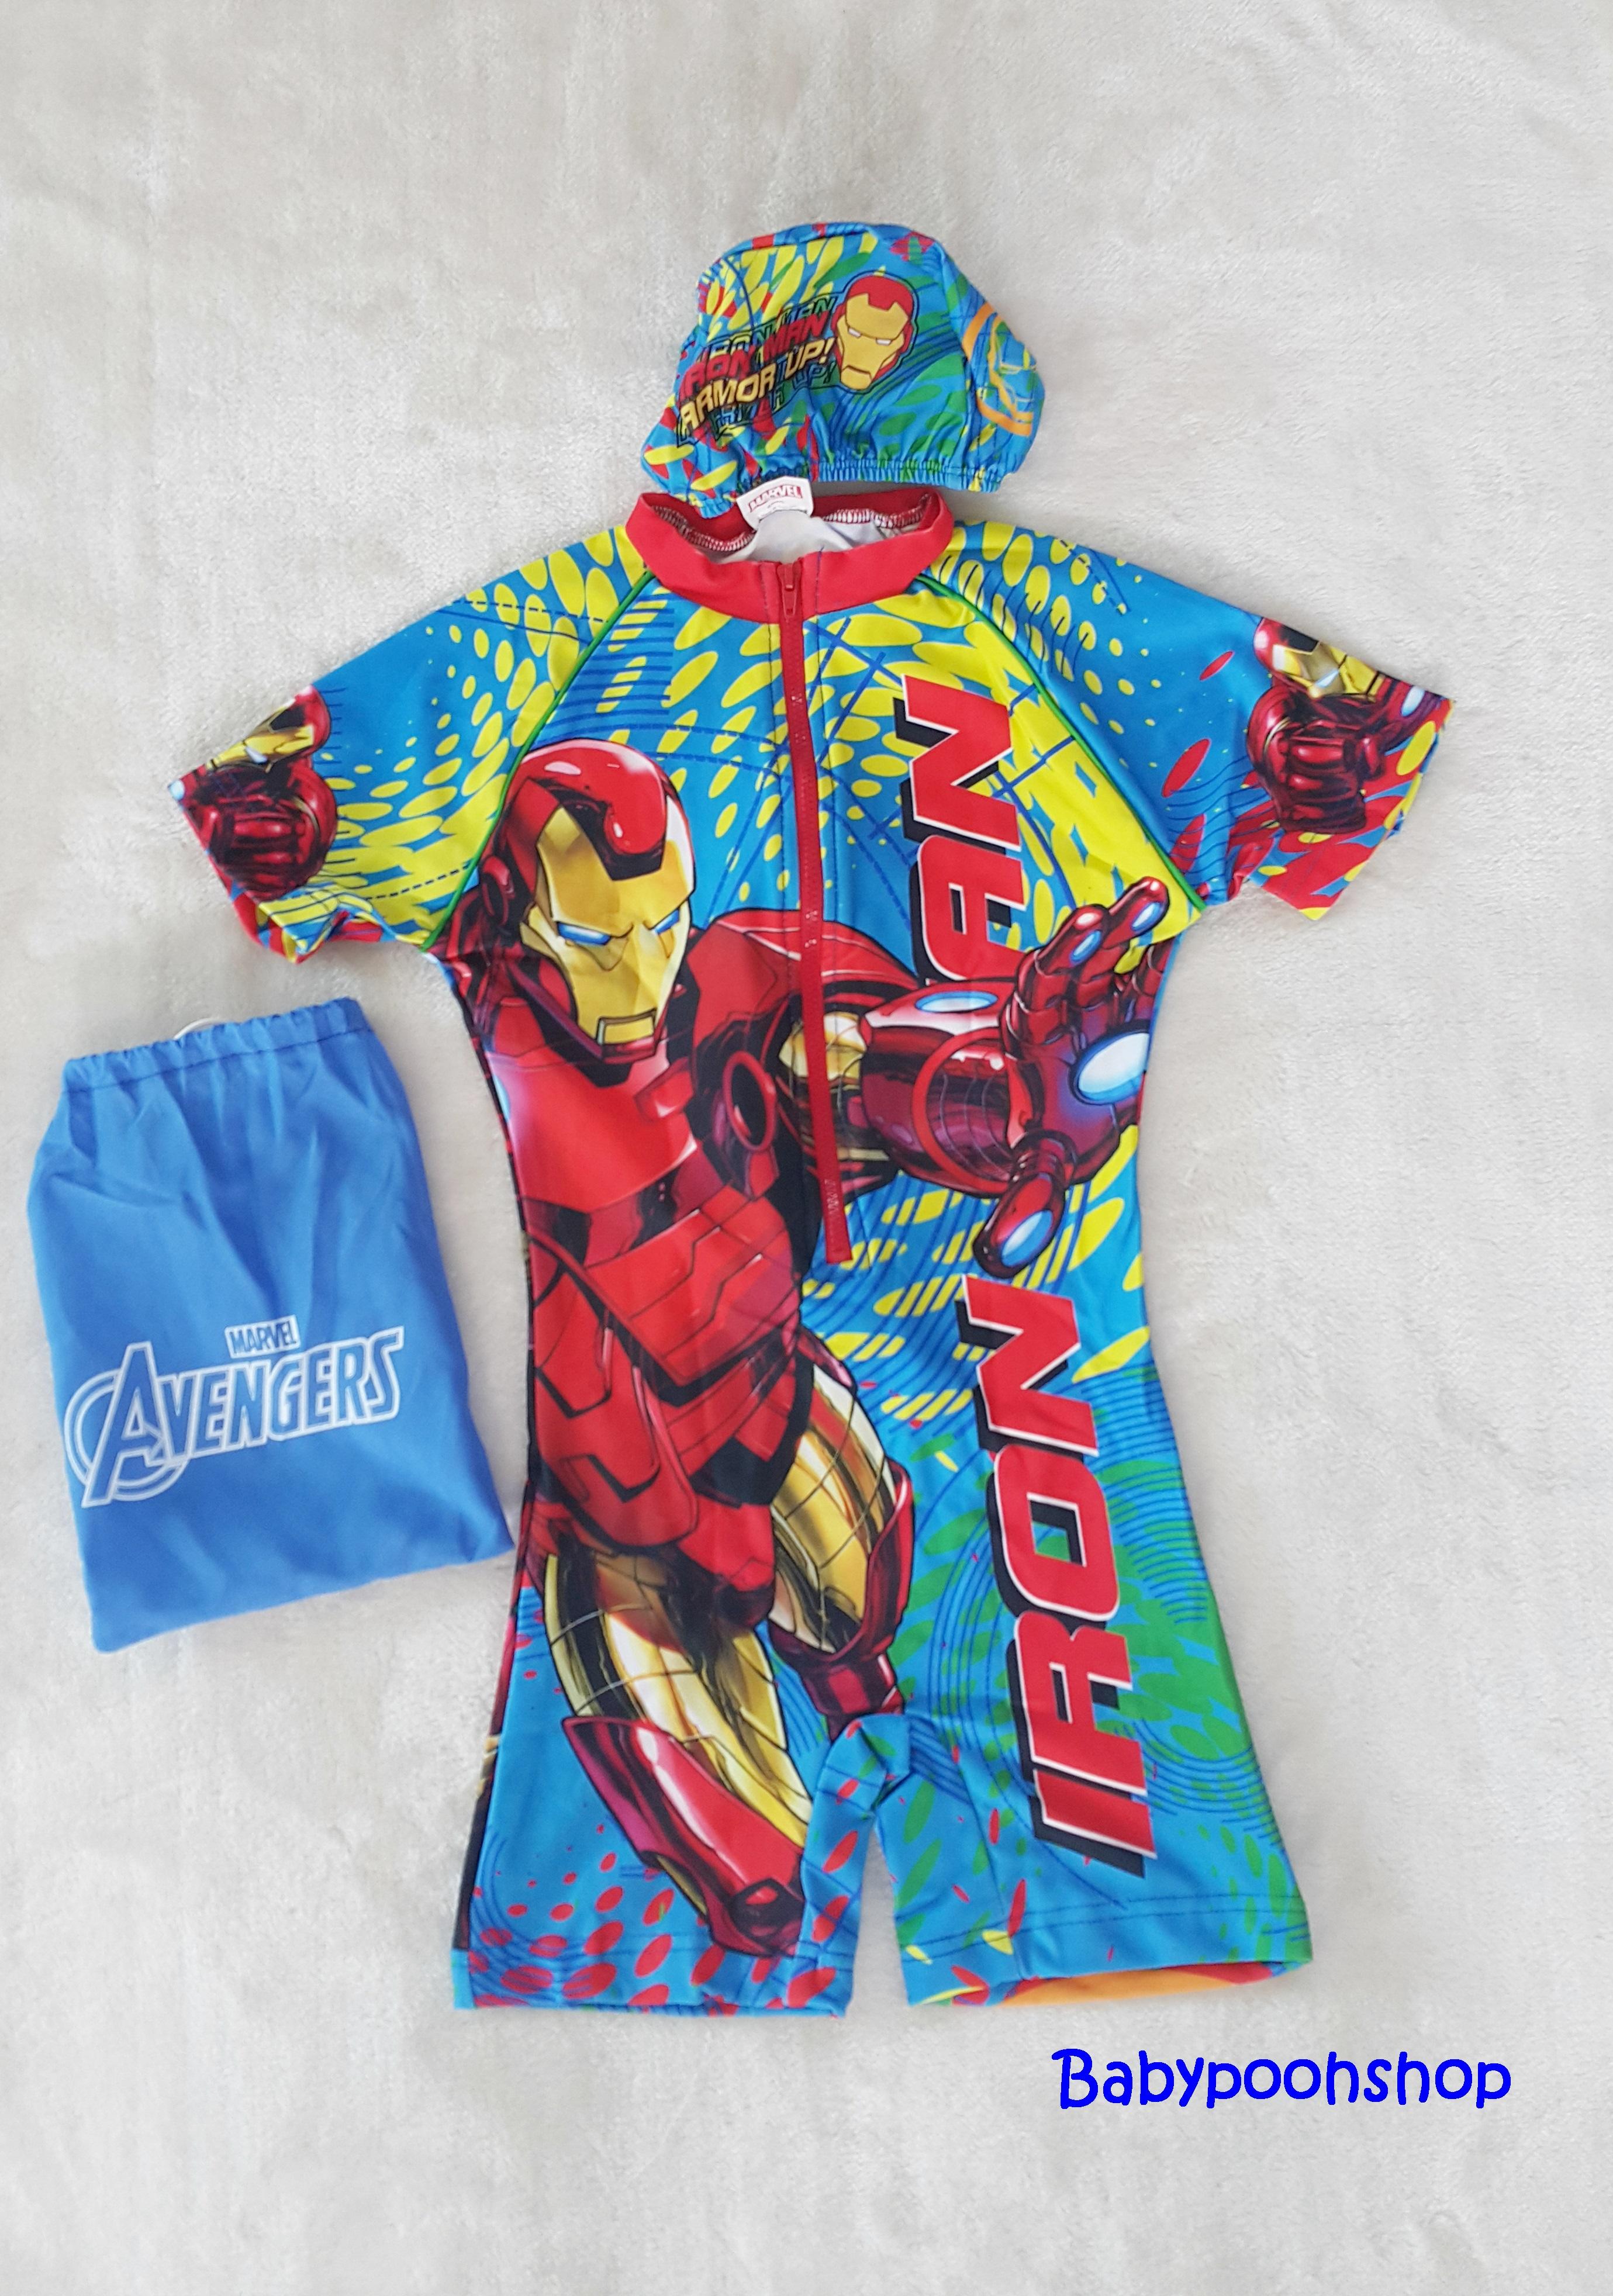 ชุดว่ายน้ำบอดี้สูทลาย Ironman สีฟ้า ซิปหน้า พร้อมหมวกและ ถุงผ้า Size : XS (3-4y) / M (5-6y) / L (6-7y) / XL (7-8y)